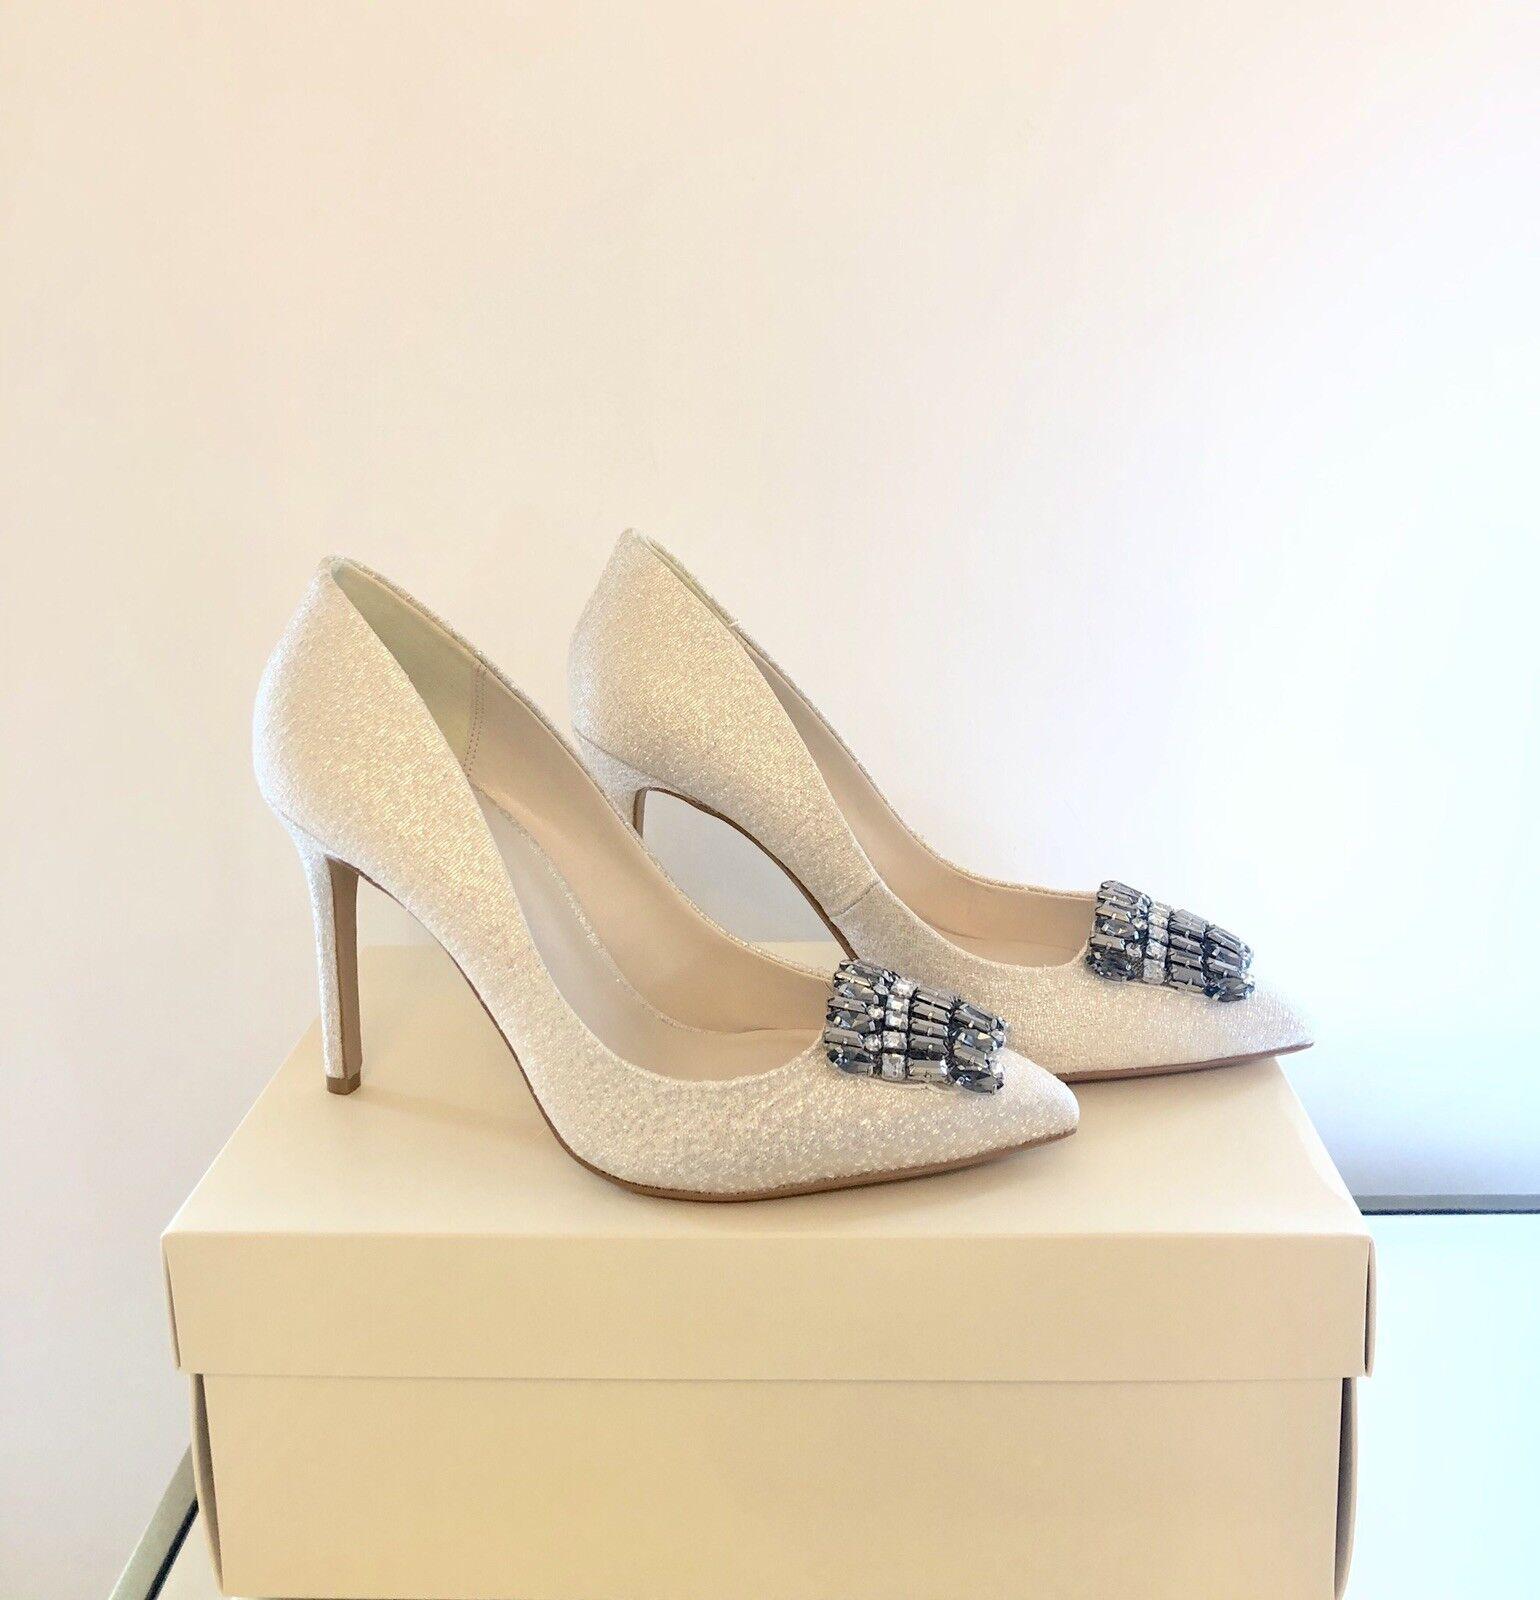 Jenny Packham Marfil Traje Tribunal Zapatos Talla 4 EU37 Tacones Tacones Tacones de boda de plata brillante  al precio mas bajo